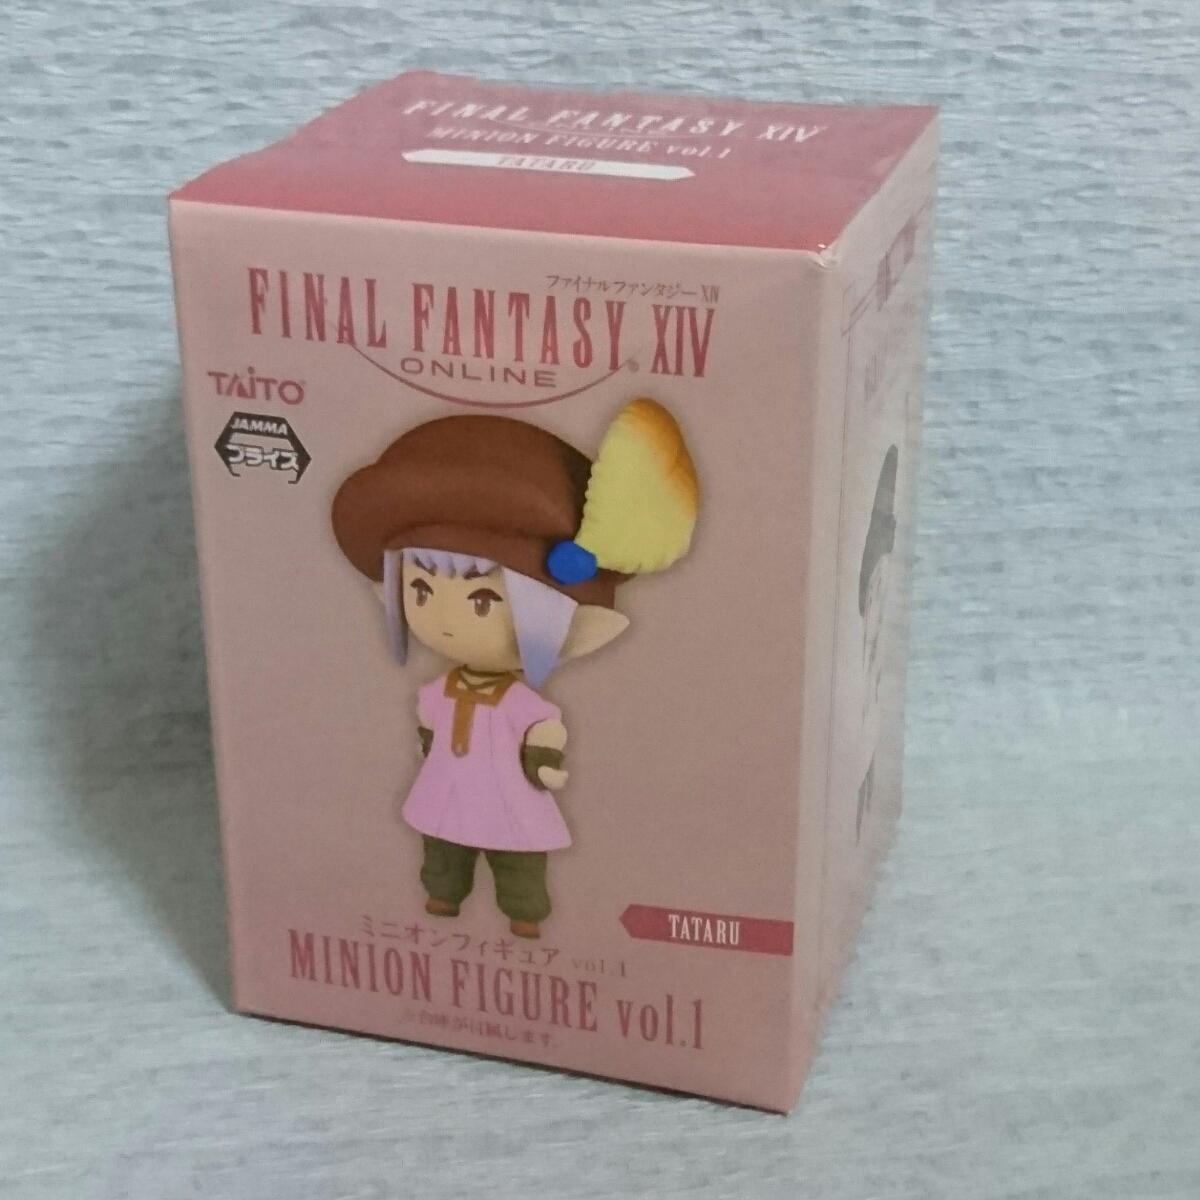 タタル ファイナルファンタジー FINAL FANTASY ミニオンフィギュア Vol.1 未開封 グッズの画像